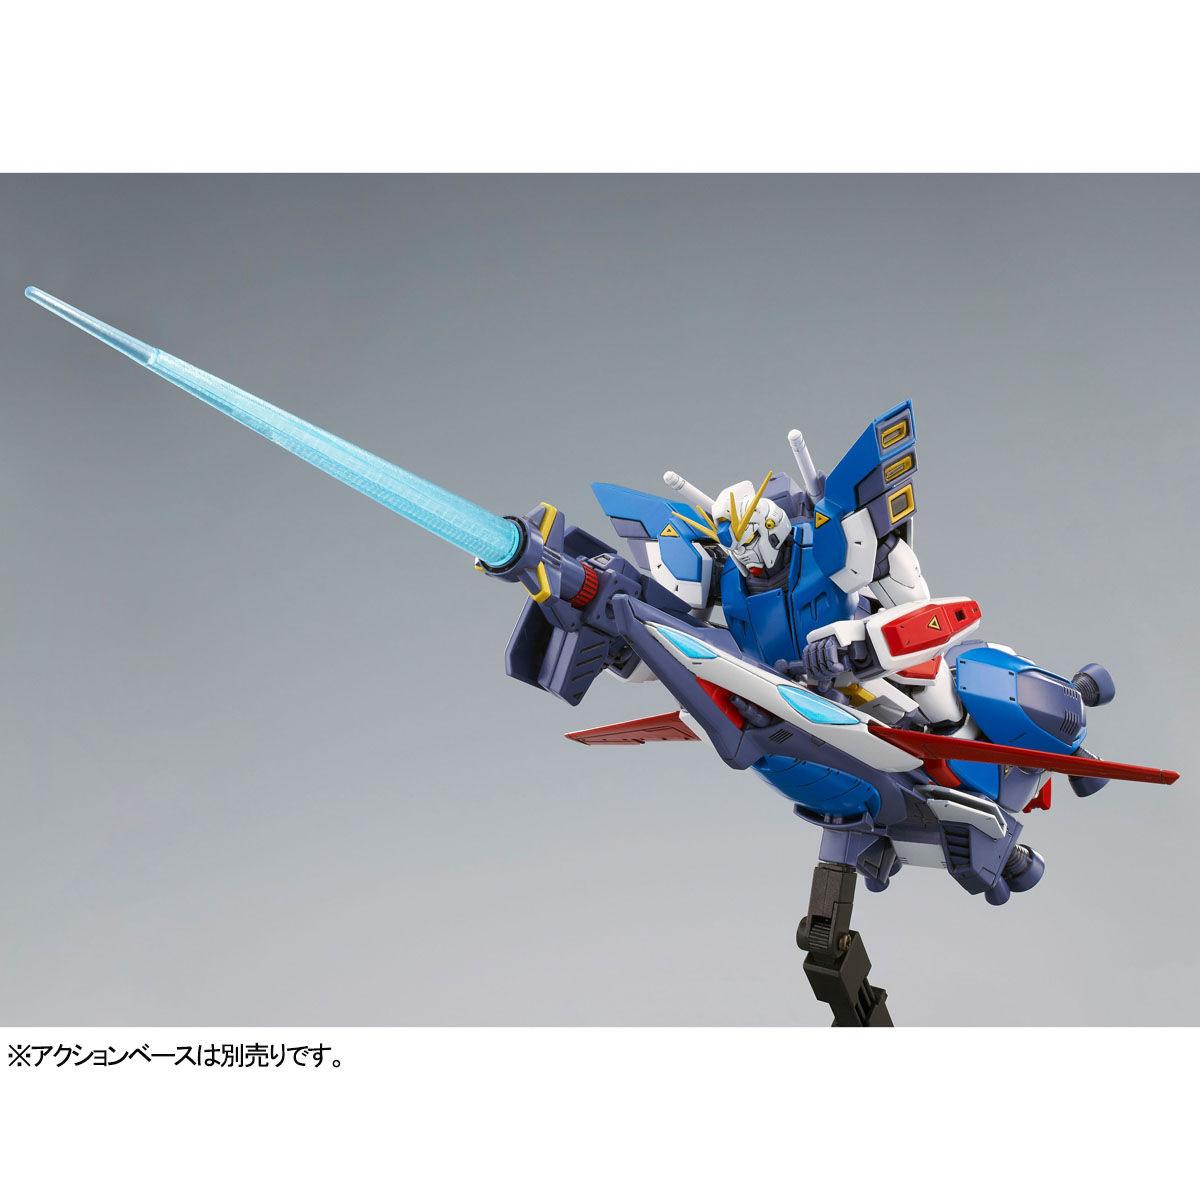 【限定販売】MG 1/100『ガンダムF90II Iタイプ』プラモデル-005